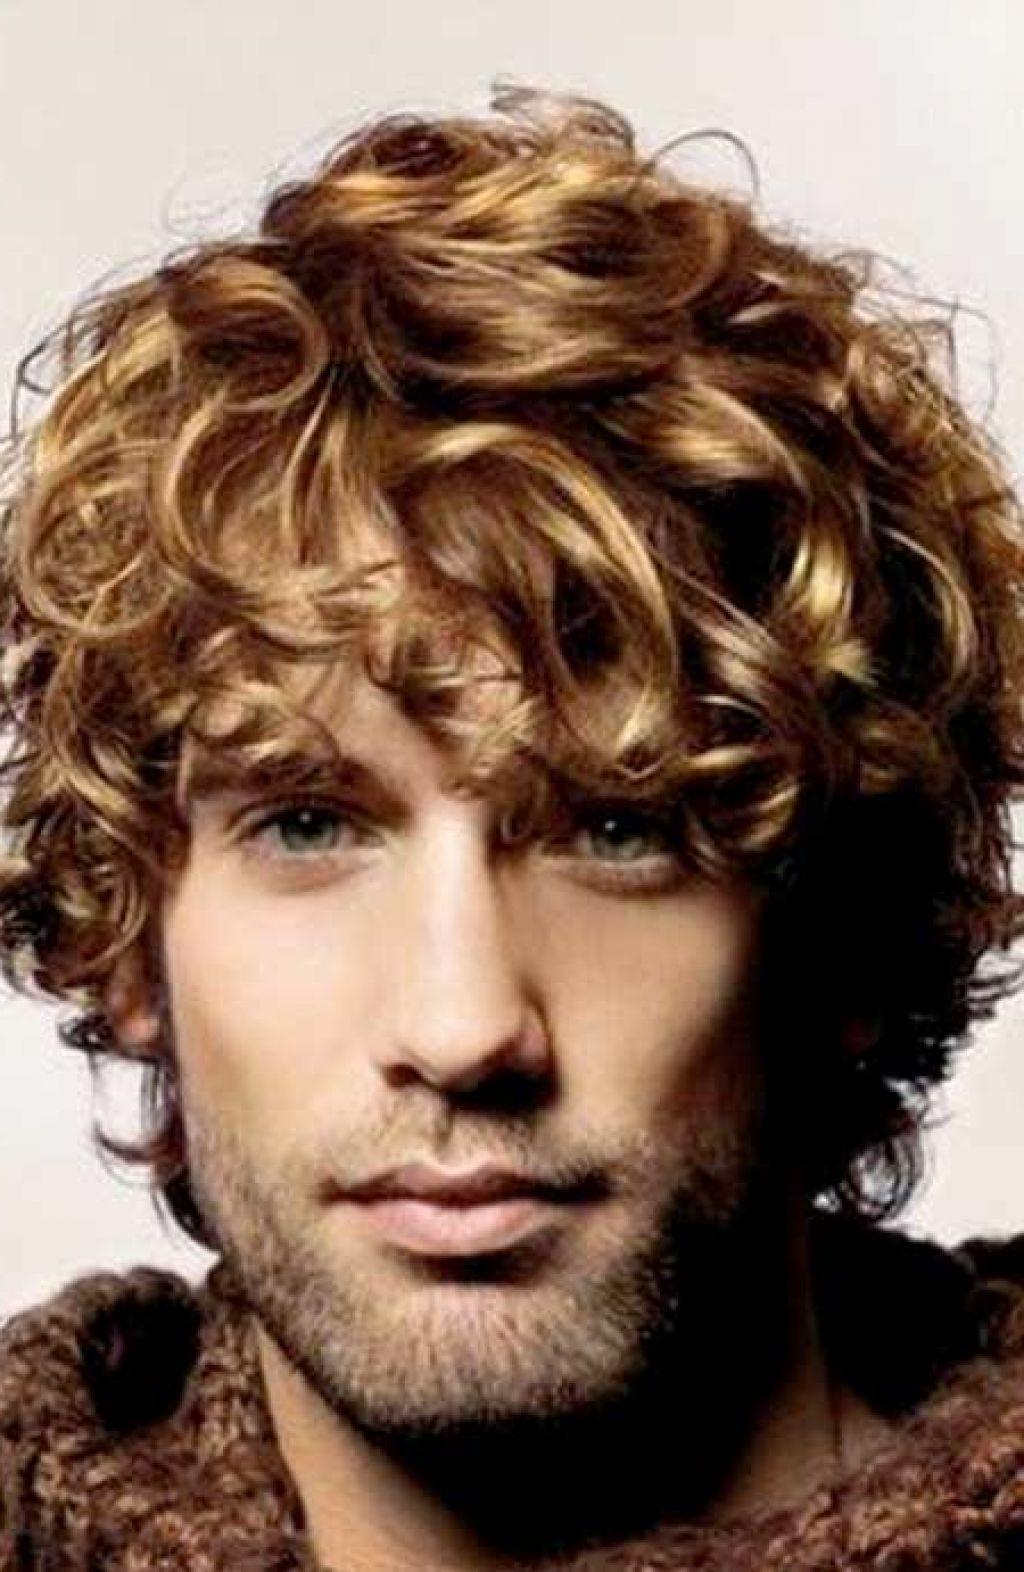 Popular Medium Hairstyles For Men Medium Haircuts Curly Hair Men Men S Curly Hairstyles Long Hair Styles Men